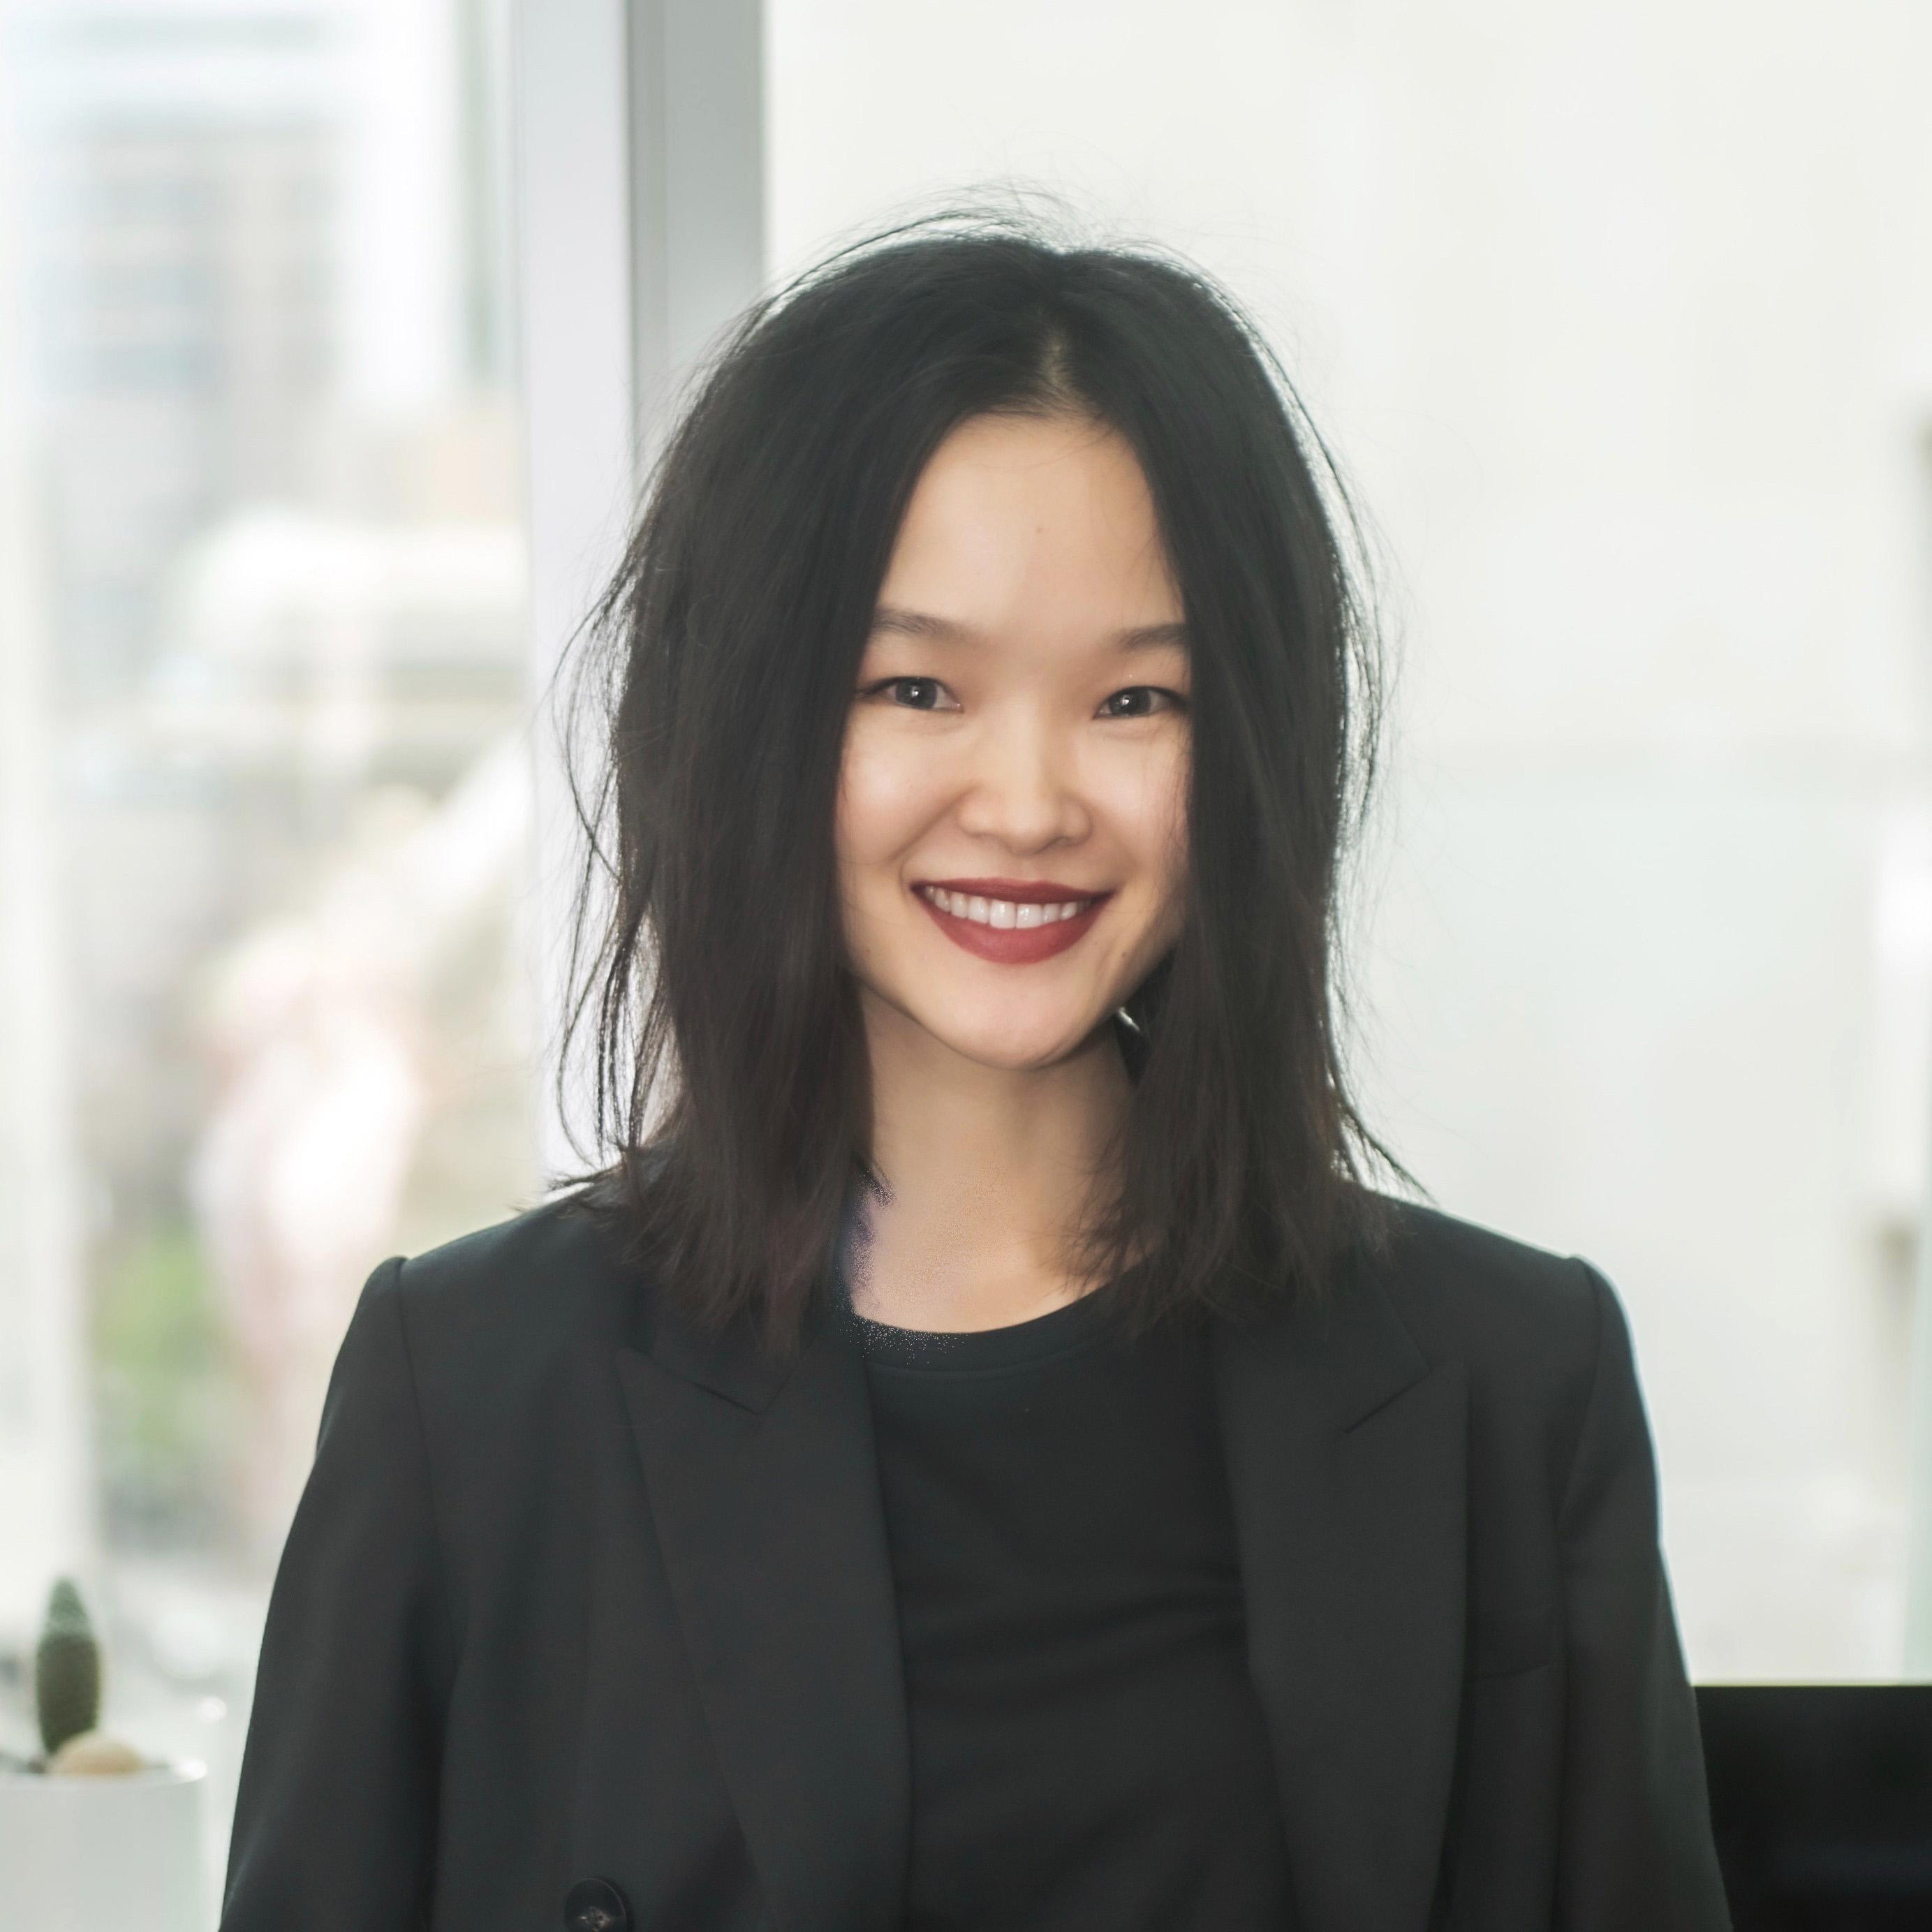 Samantha Lian